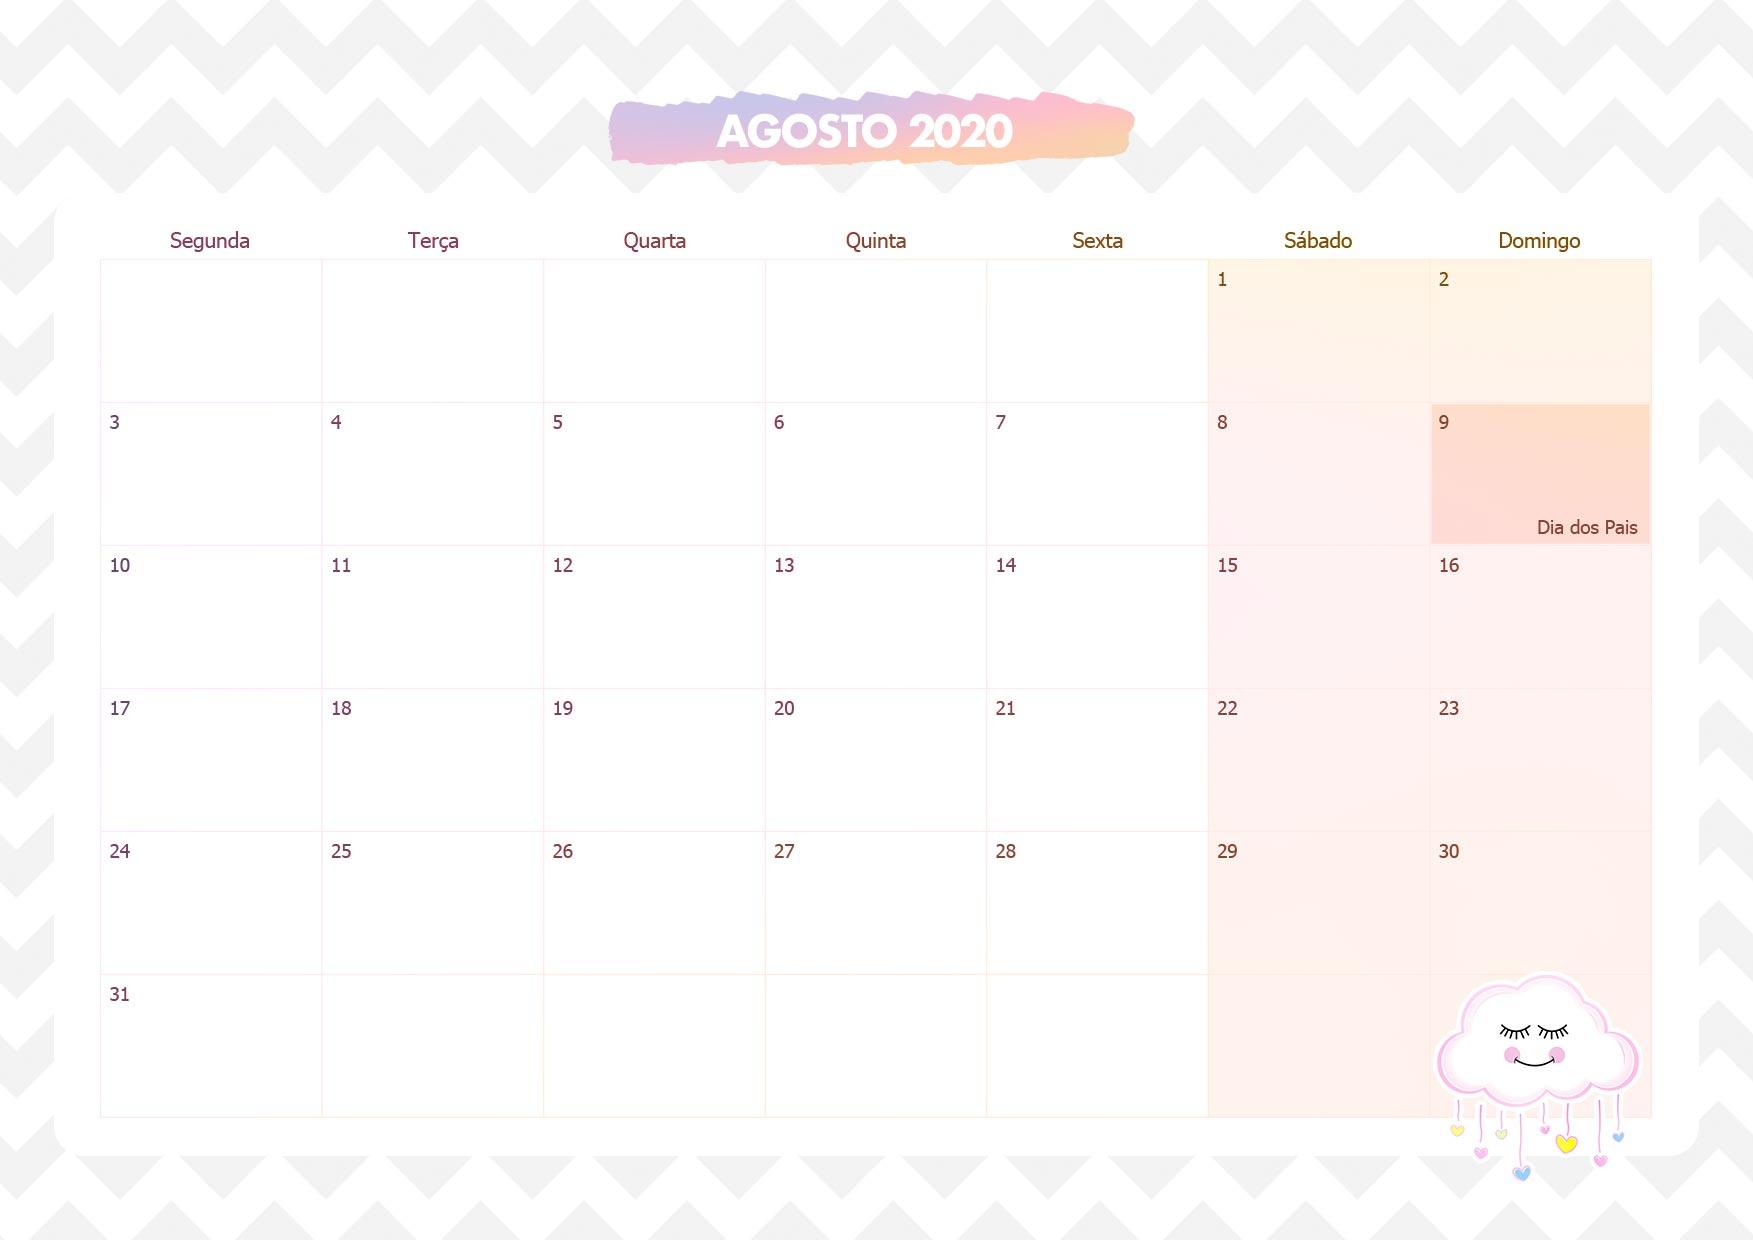 Agosto 2020 Calendario.Calendario Mensal Chuva De Amor Agosto 2020 Fazendo A